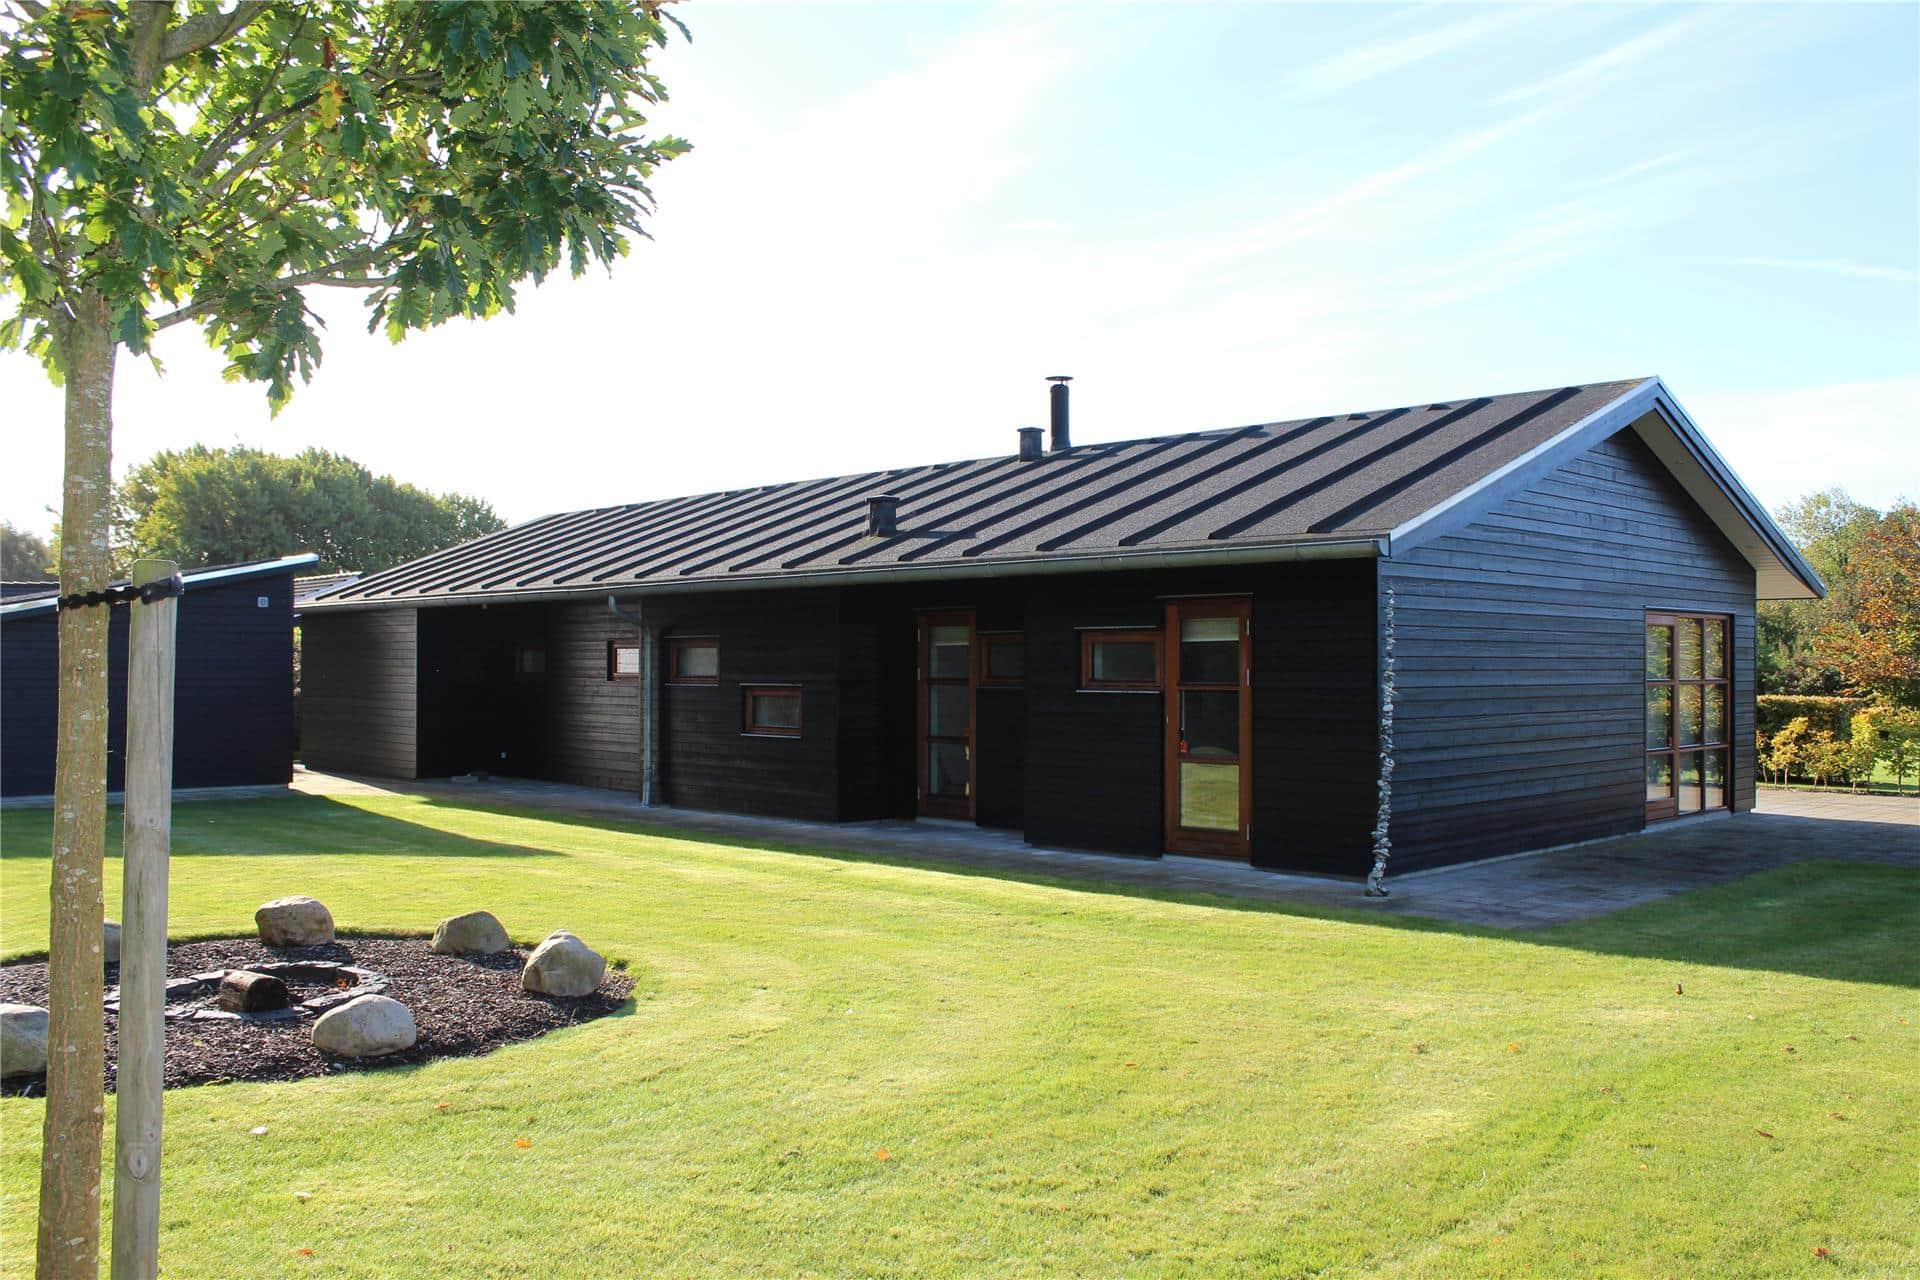 Bild 1-3 Ferienhaus M673952, Frankelund 11, DK - 5953 Tranekær